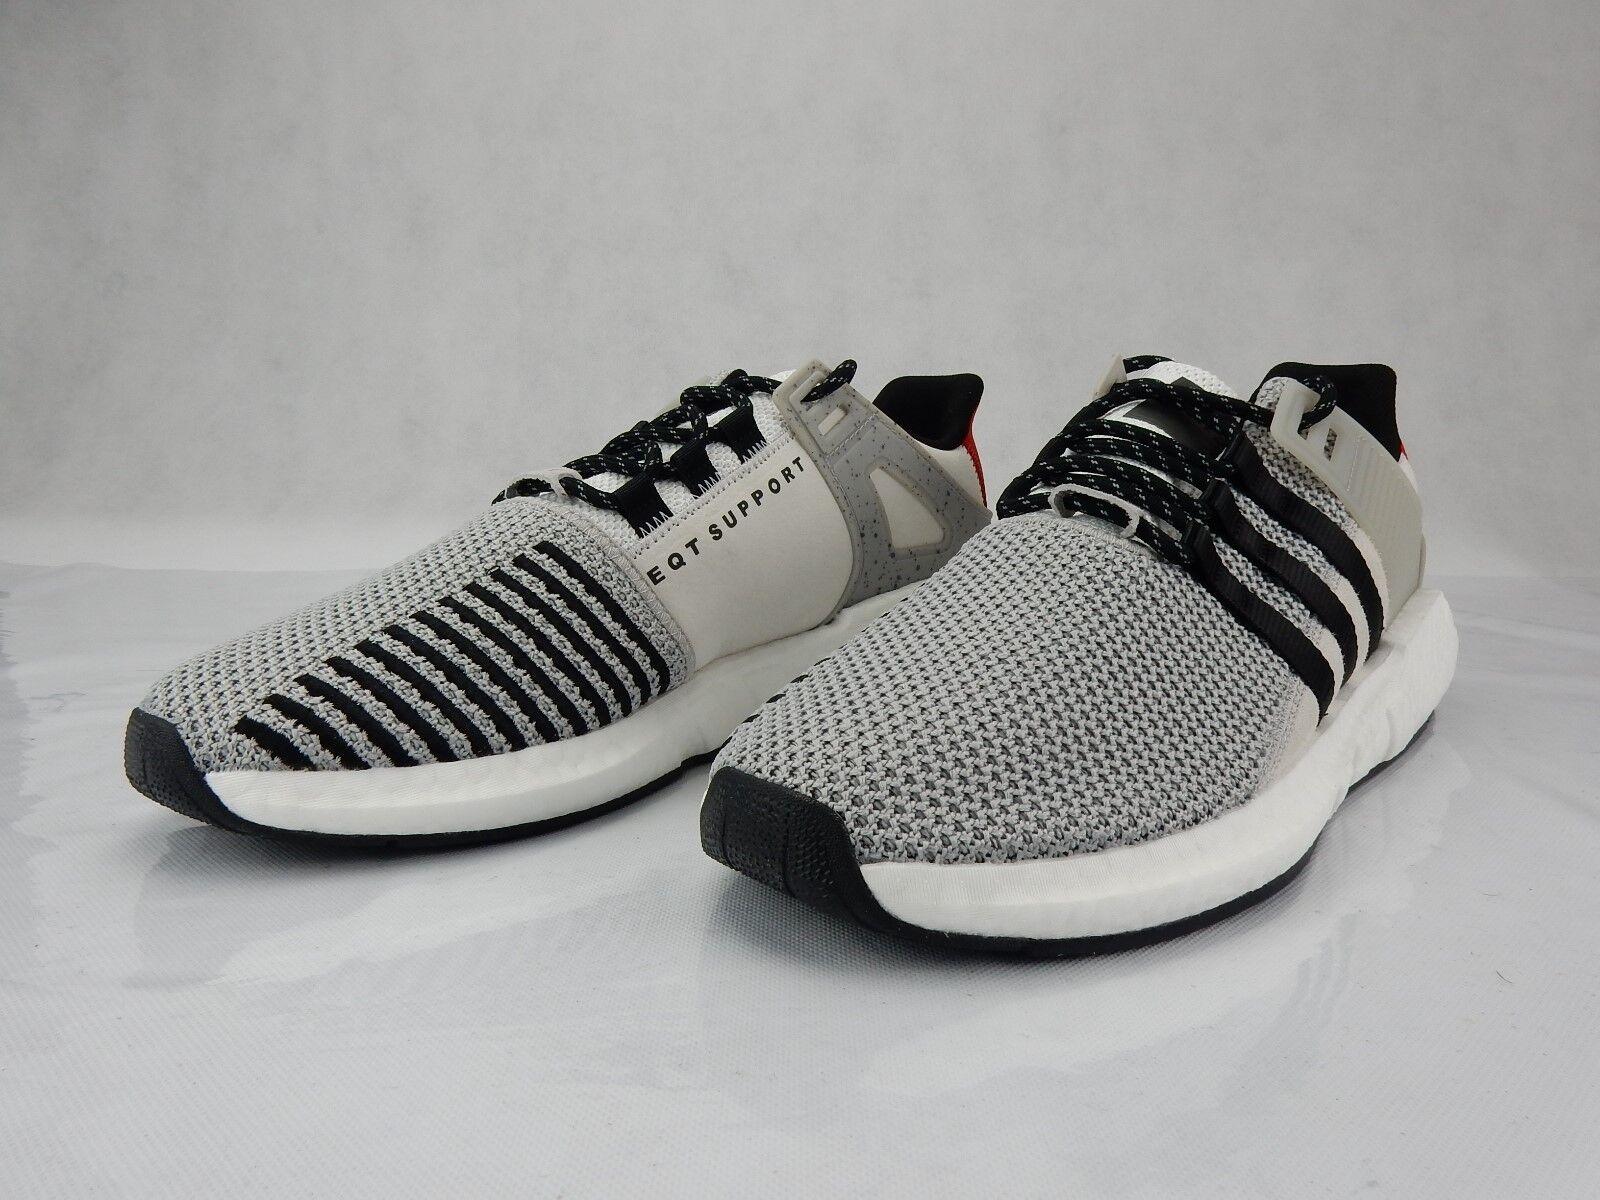 Adidas eqt sostegno 93 / 17 scarpe grigio rosso cq2397 Uomo scarpe 17 taglia 13 originali 5161ee